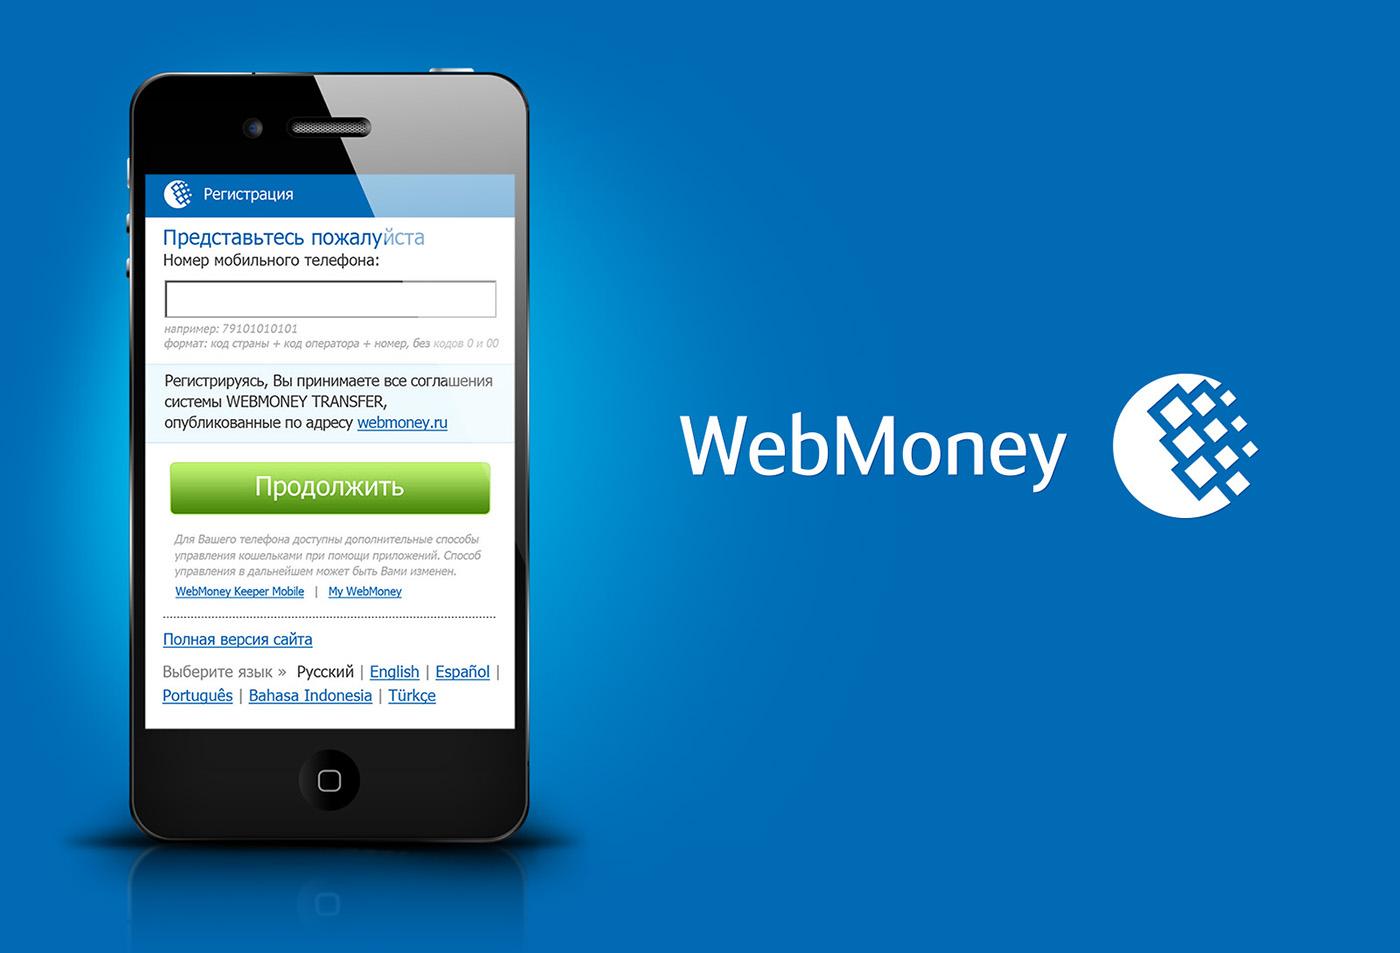 webmoney,UI,UIX,design,landpage,Startpage,Start,registration,webmoneyru,wmtransfer